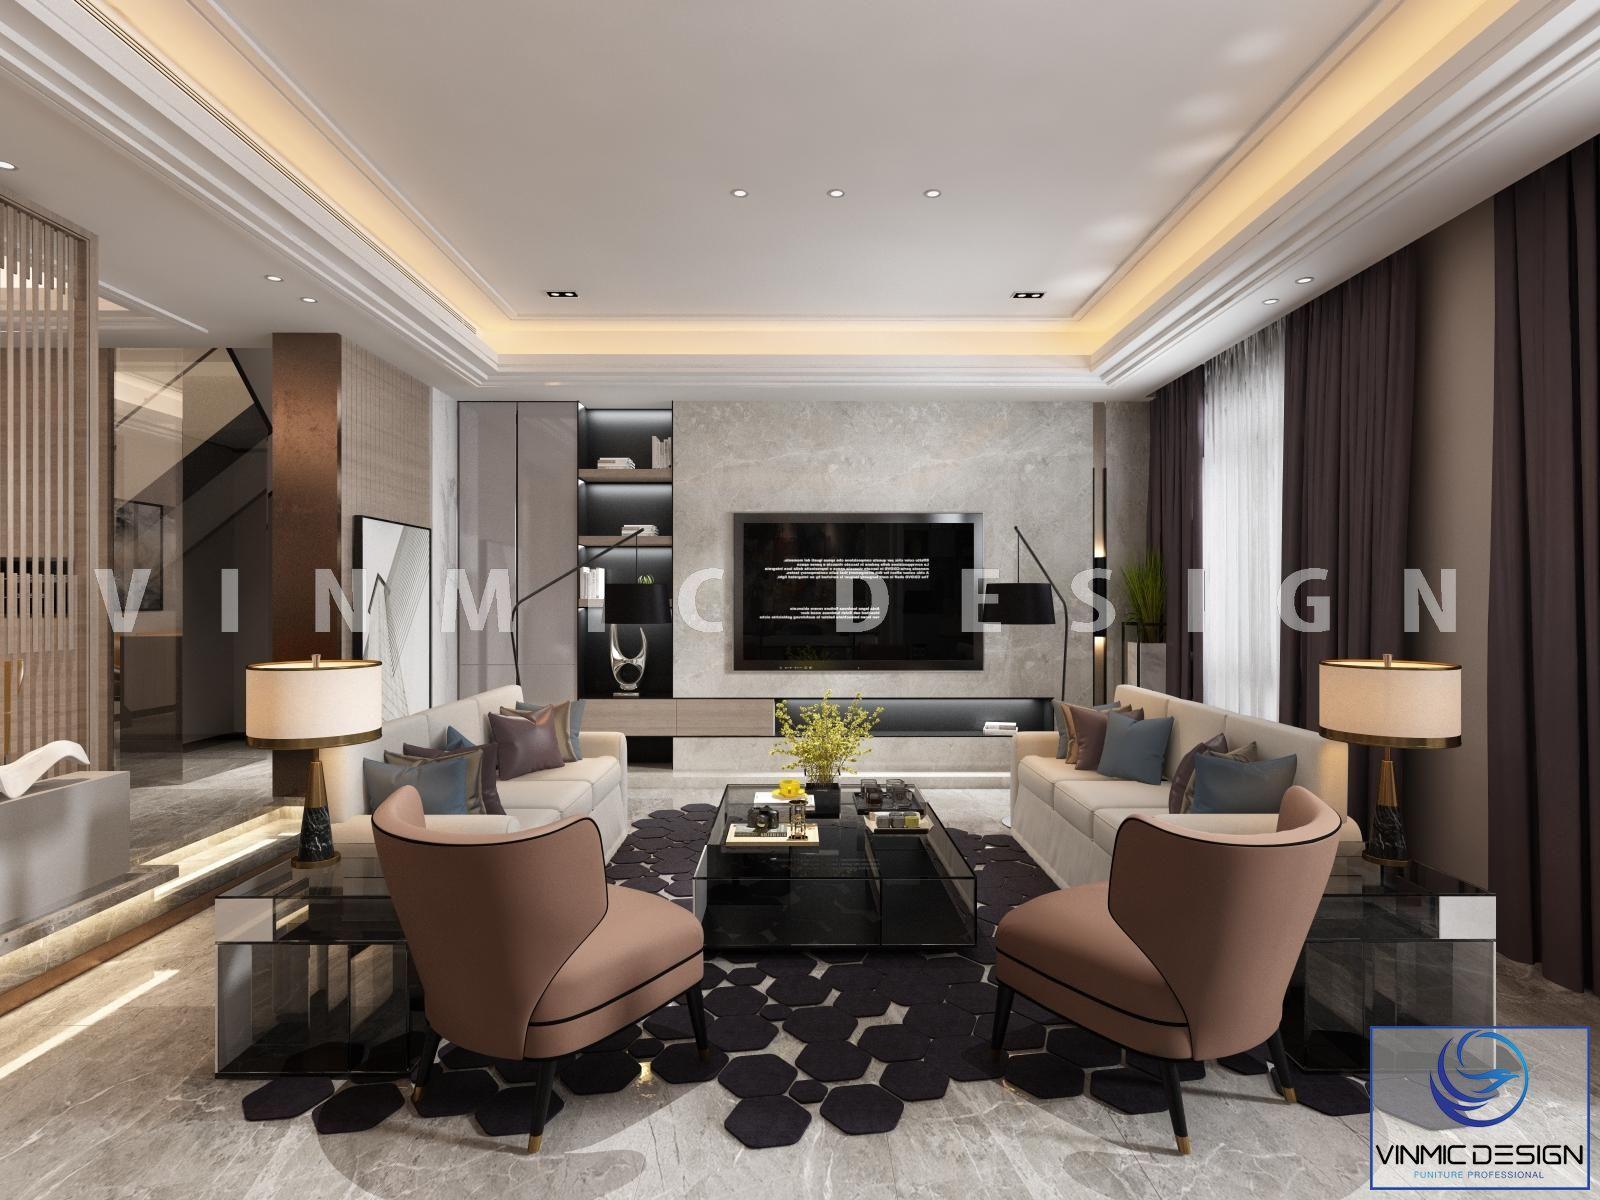 Thiết kế kệ tivi kết hợp tủ đồ và trang trí nội thất hiện đại tại biệt thự tại Nam Định